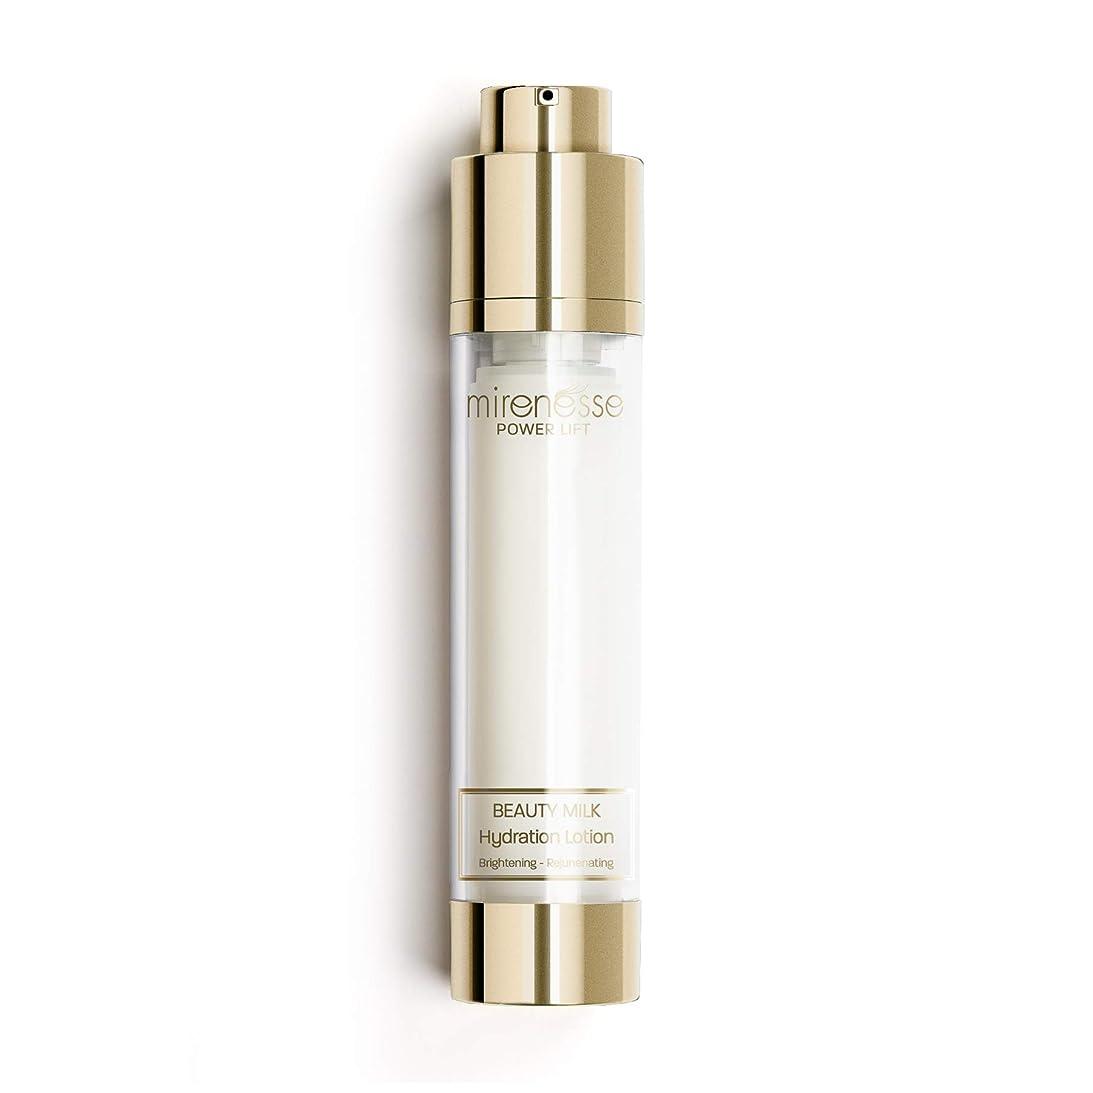 電話する断線ビーチMirenesse Cosmetics Power Lift Beauty Milk Intense Hydration Lotion